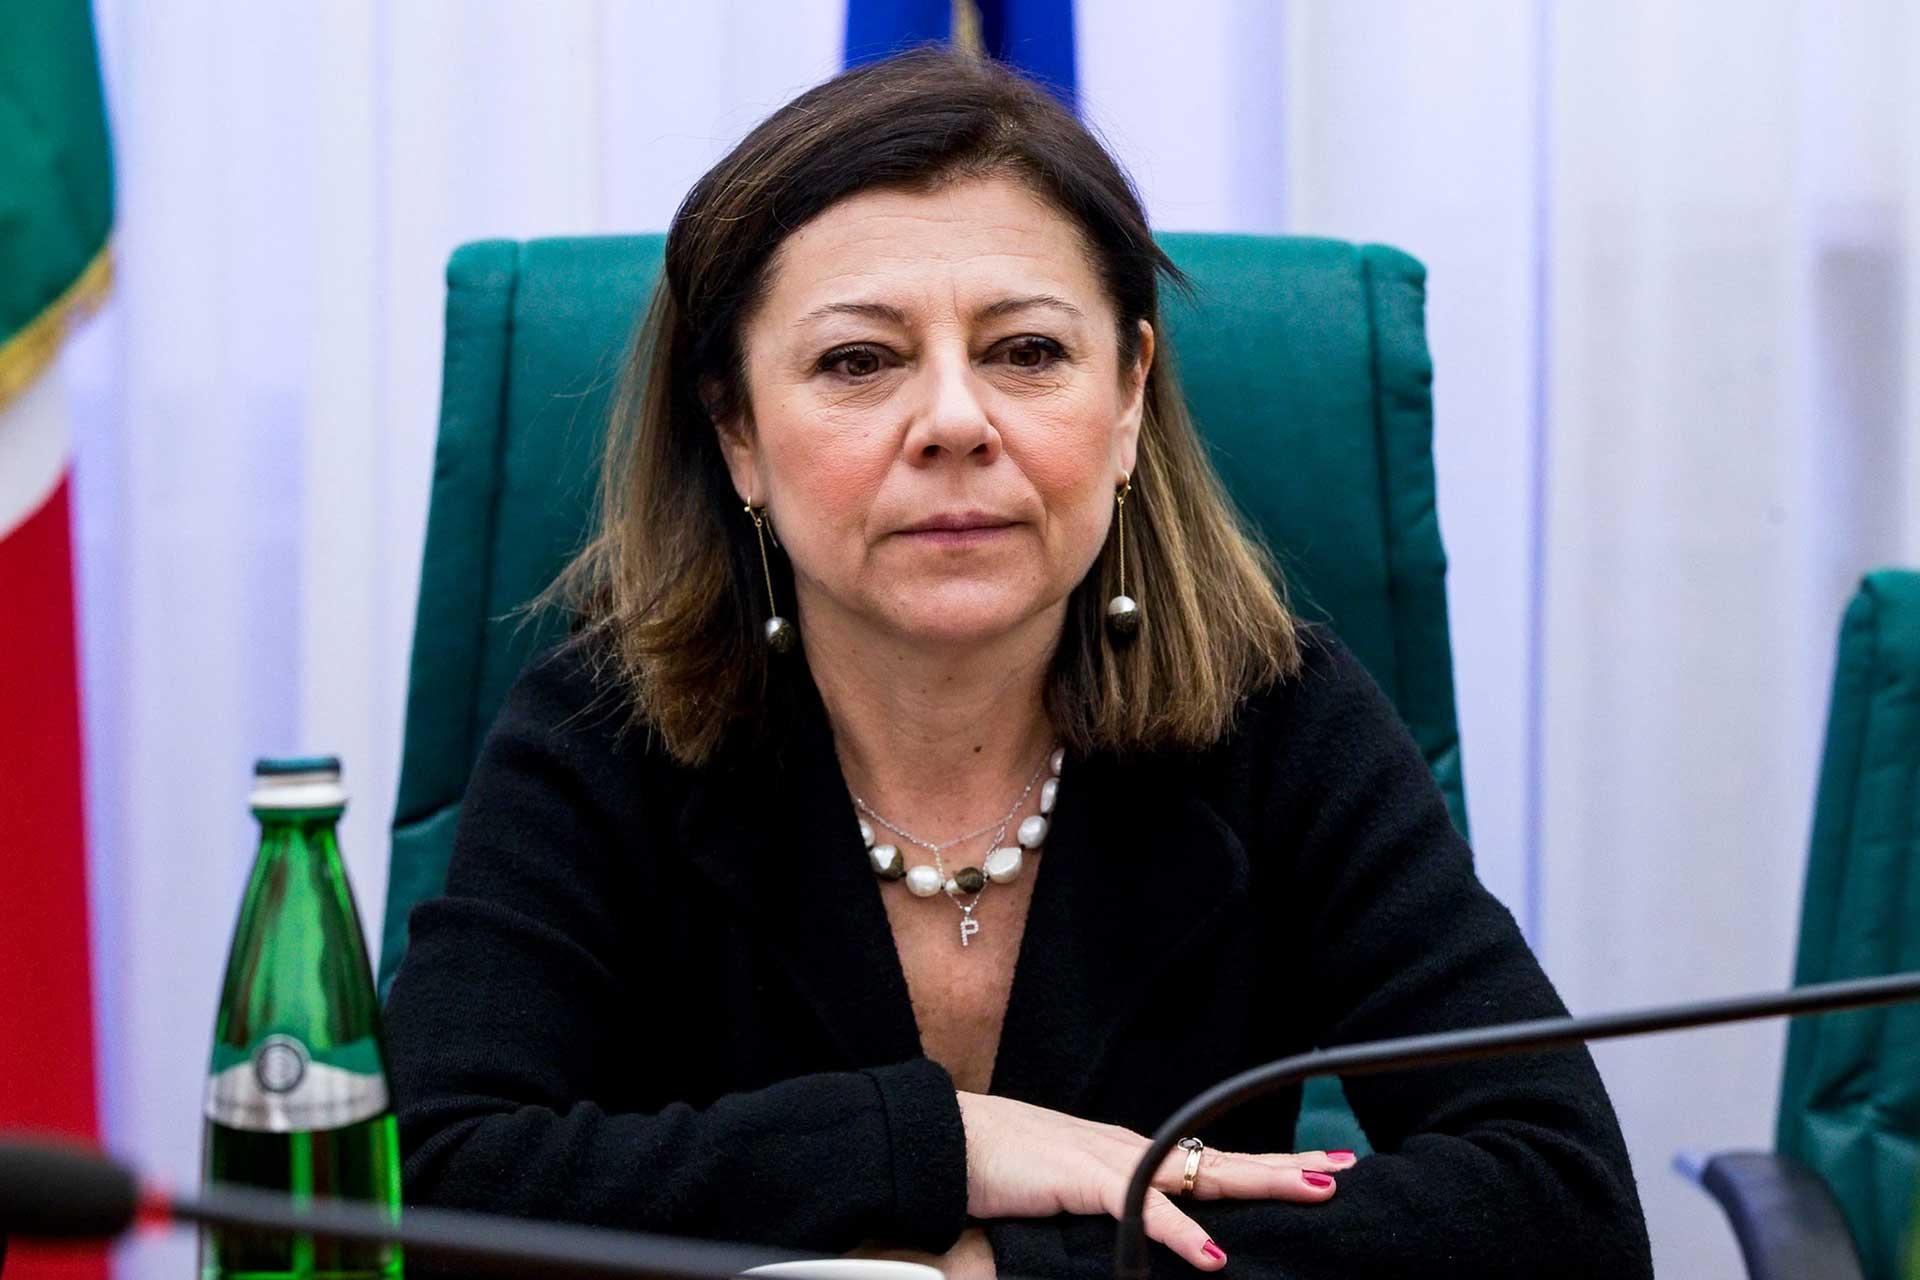 Paola De Micheli 20200423 0930 002 1920x1280